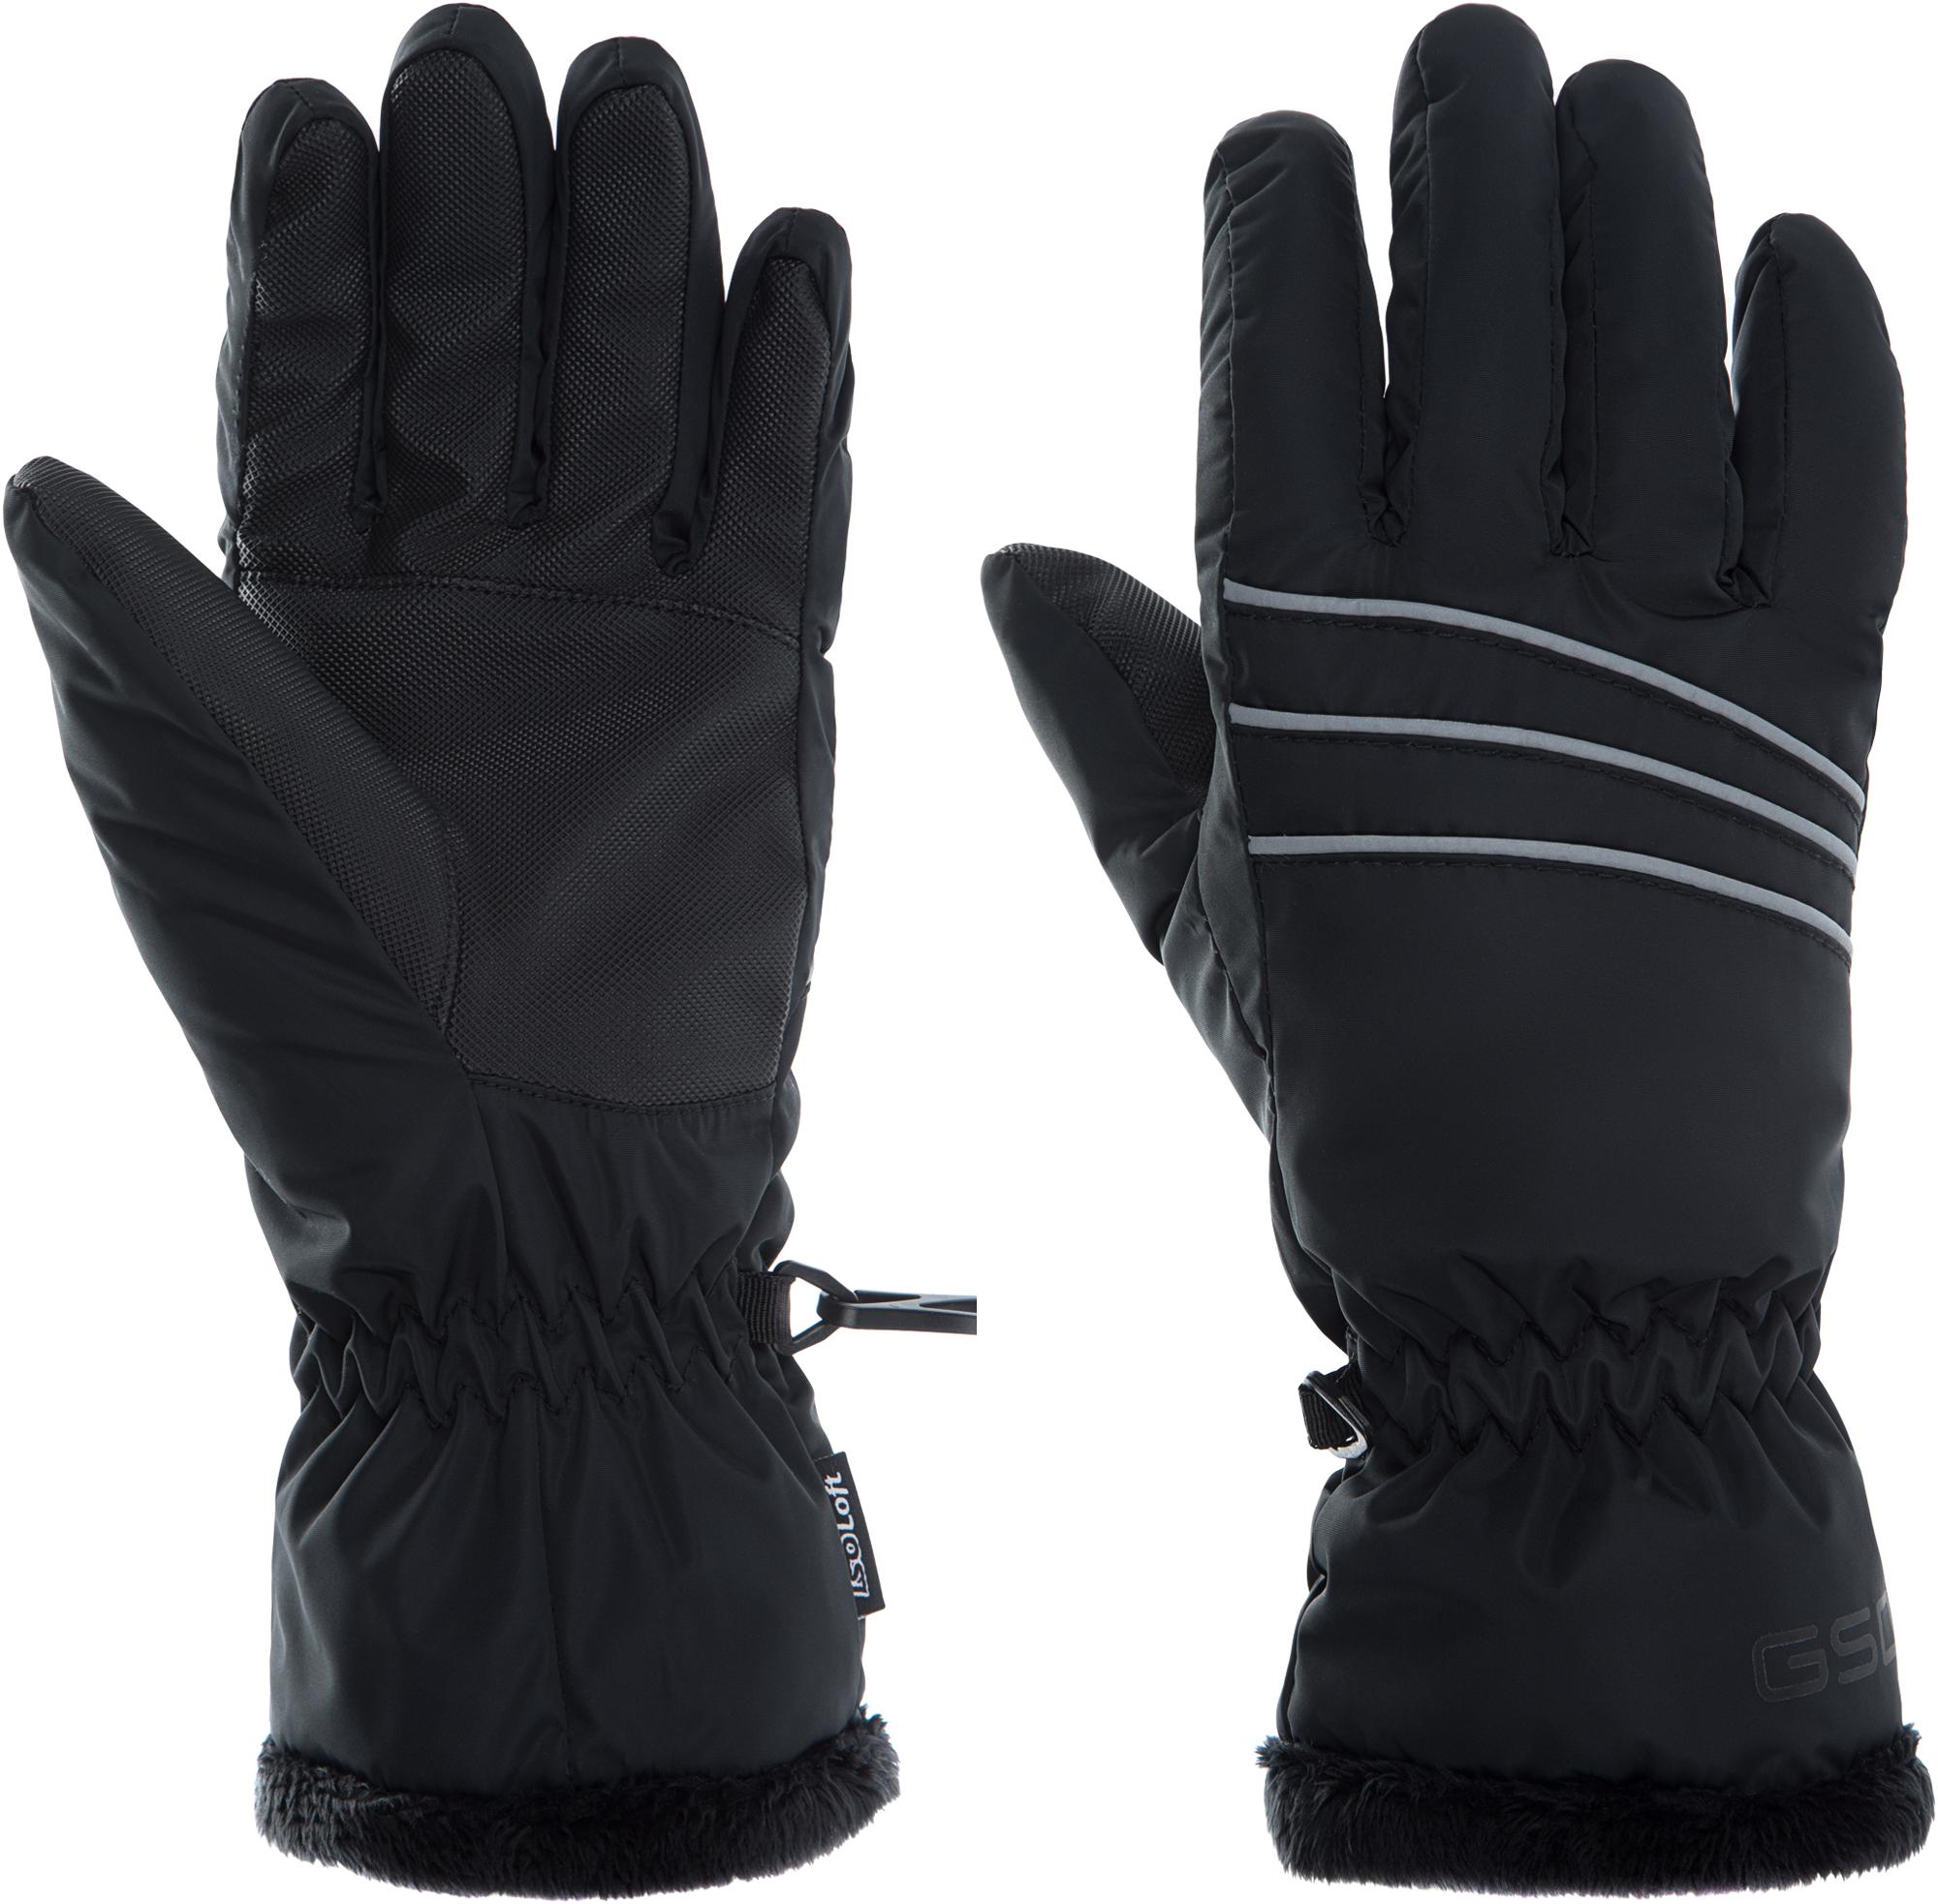 Фото - Glissade Перчатки женские Glissade, размер 7,5 перчатки женские moltini цвет черный 260b 111716 размер 8